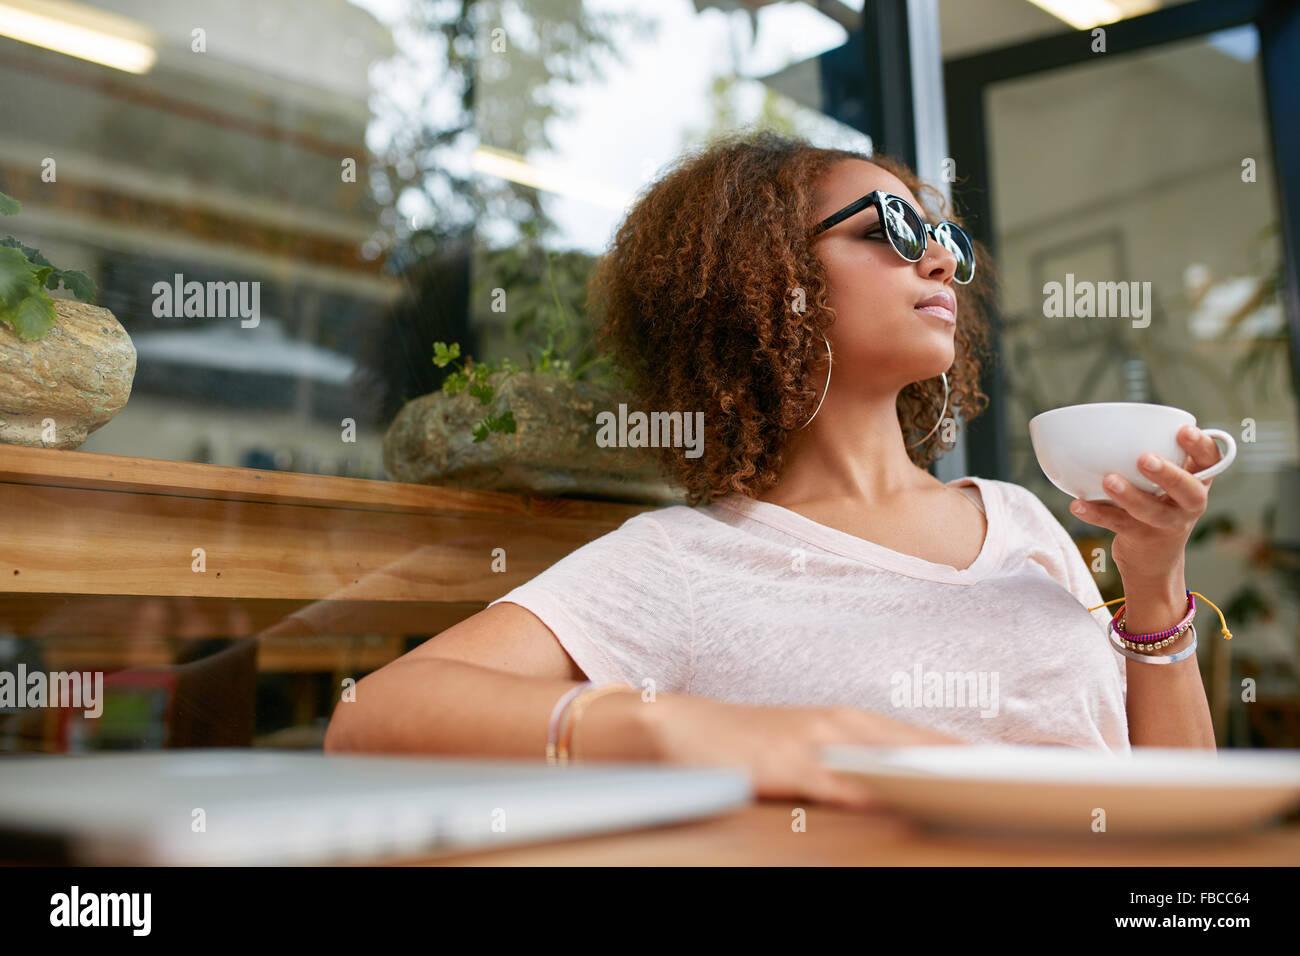 Ritratto di giovane attraente ragazza africana avente una tazza di caffè presso il cafe. Elegante ragazza di Immagini Stock